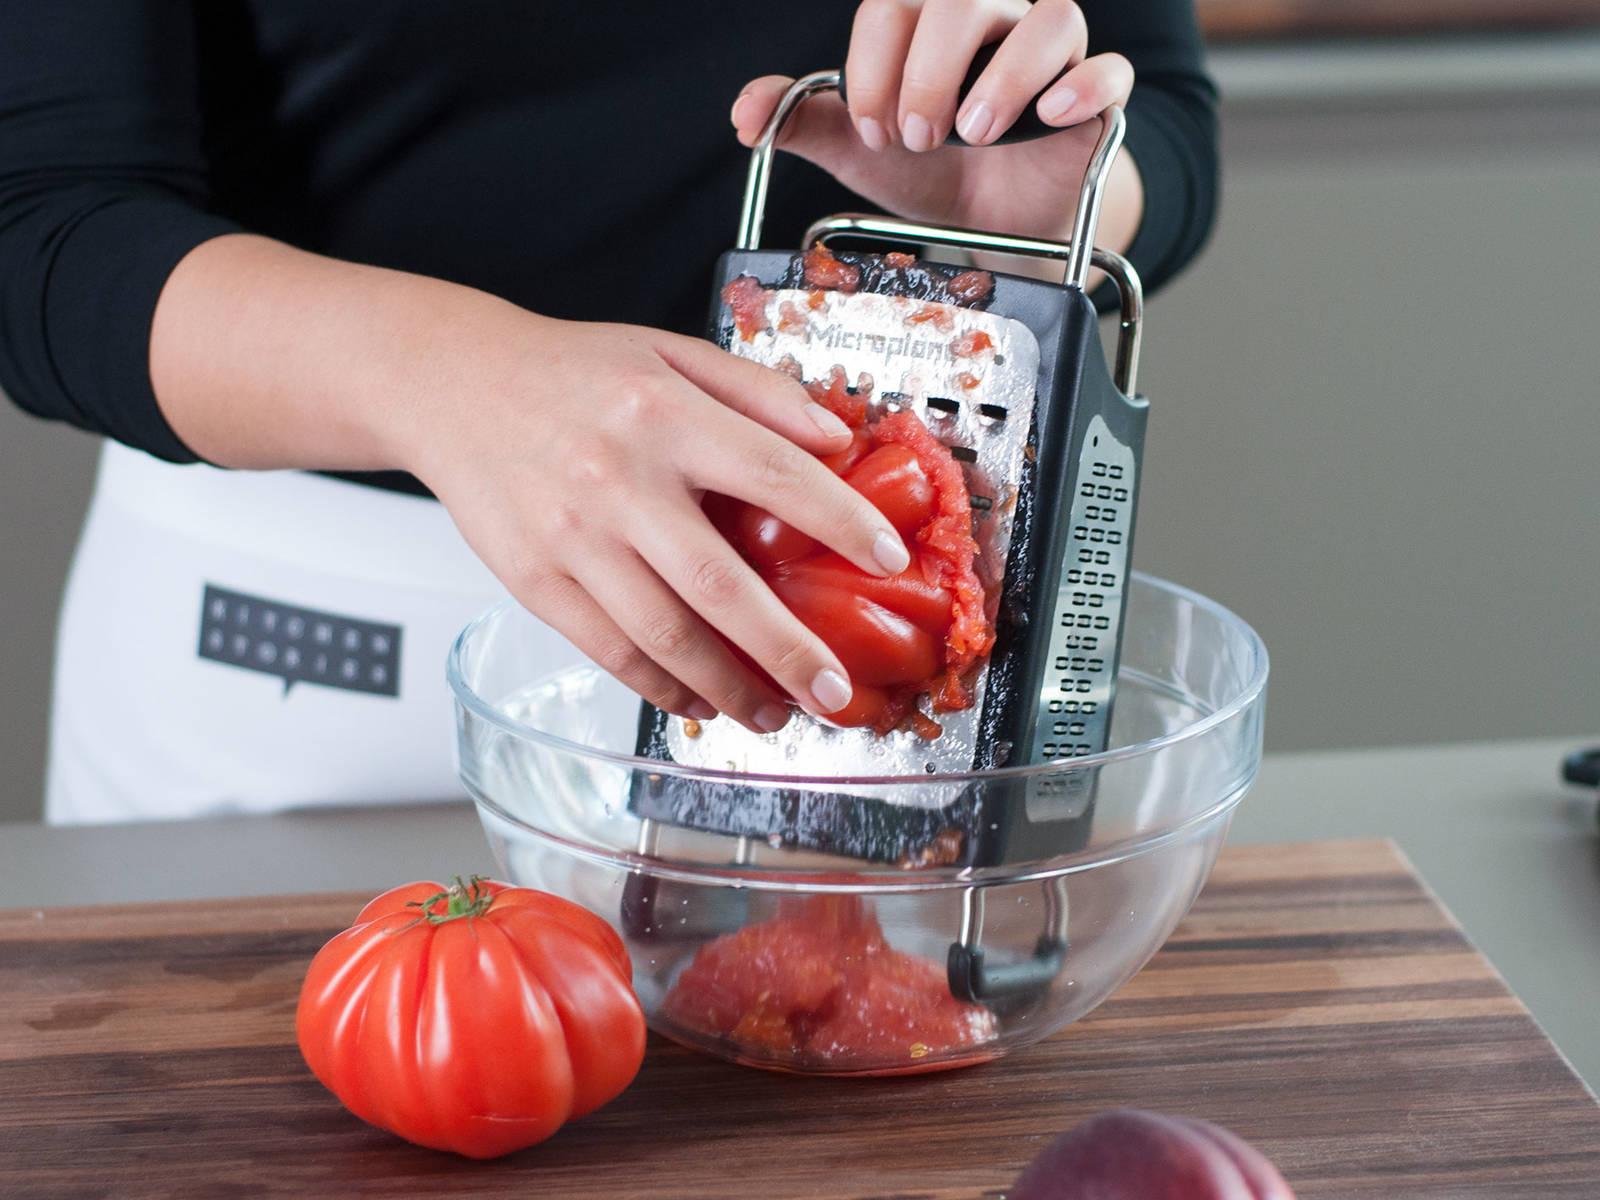 将番茄去皮去茎,然后用箱型擦板的大孔一面将番茄擦入小碗中。